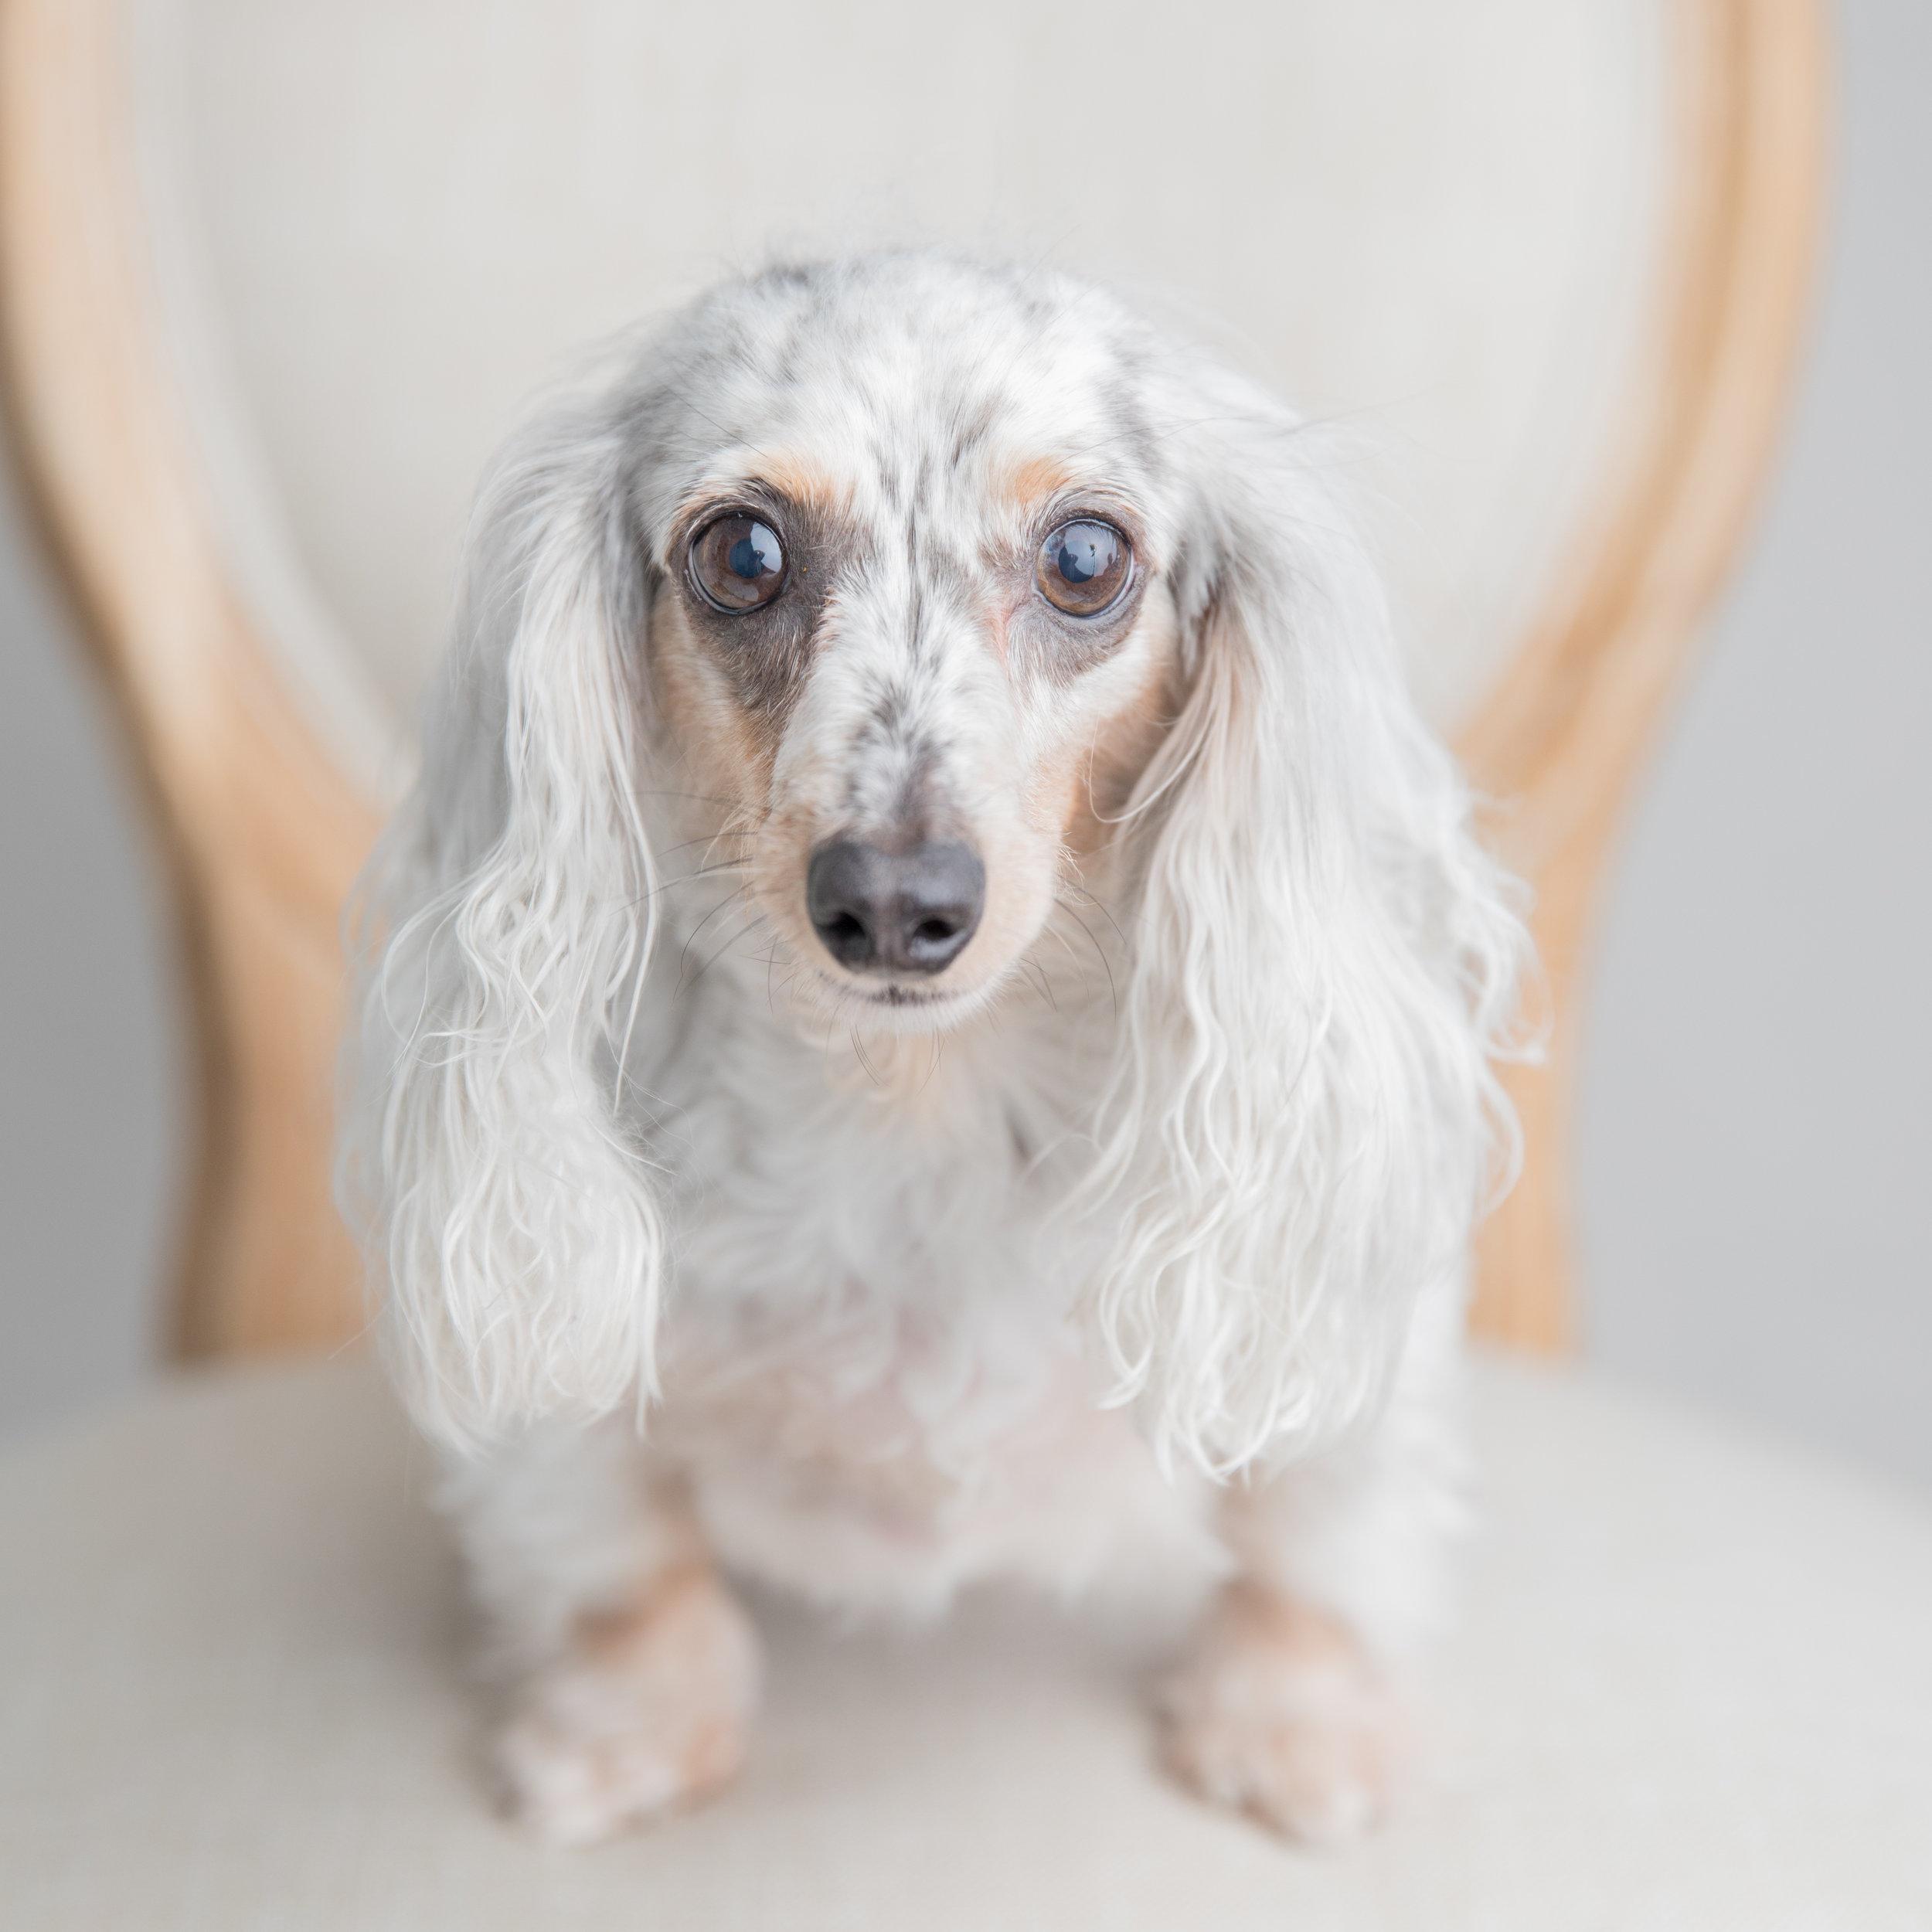 white dauschaund dog in studio st simons island ga